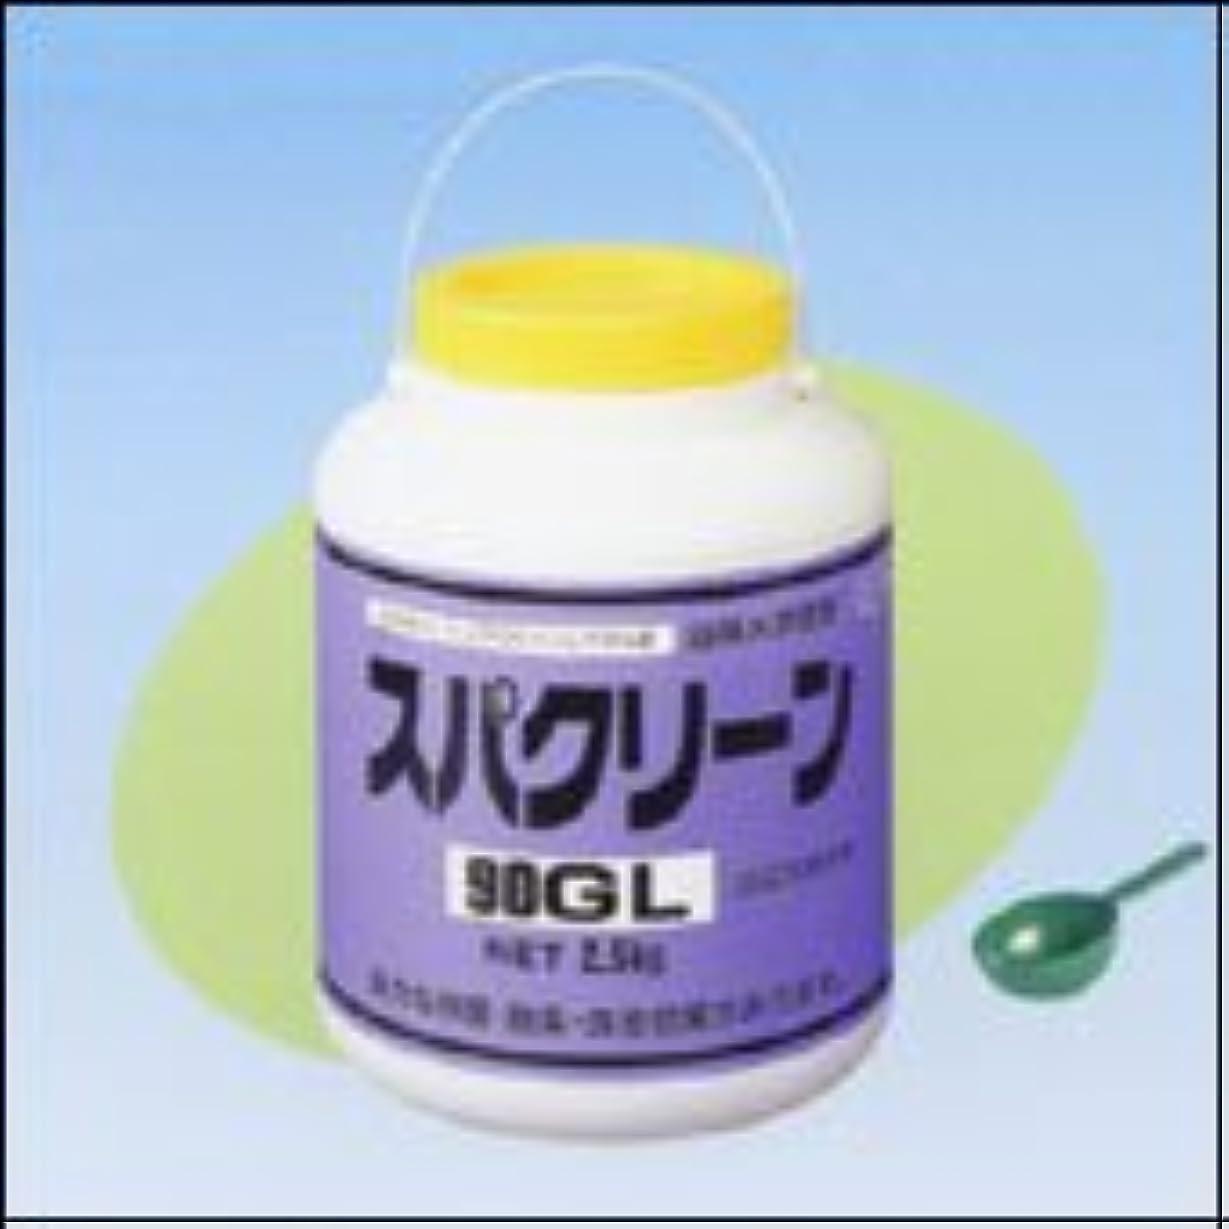 ナース目立つ電子レンジスパクリーン 90GL 2.5kg 浴用水精澄剤 塩素